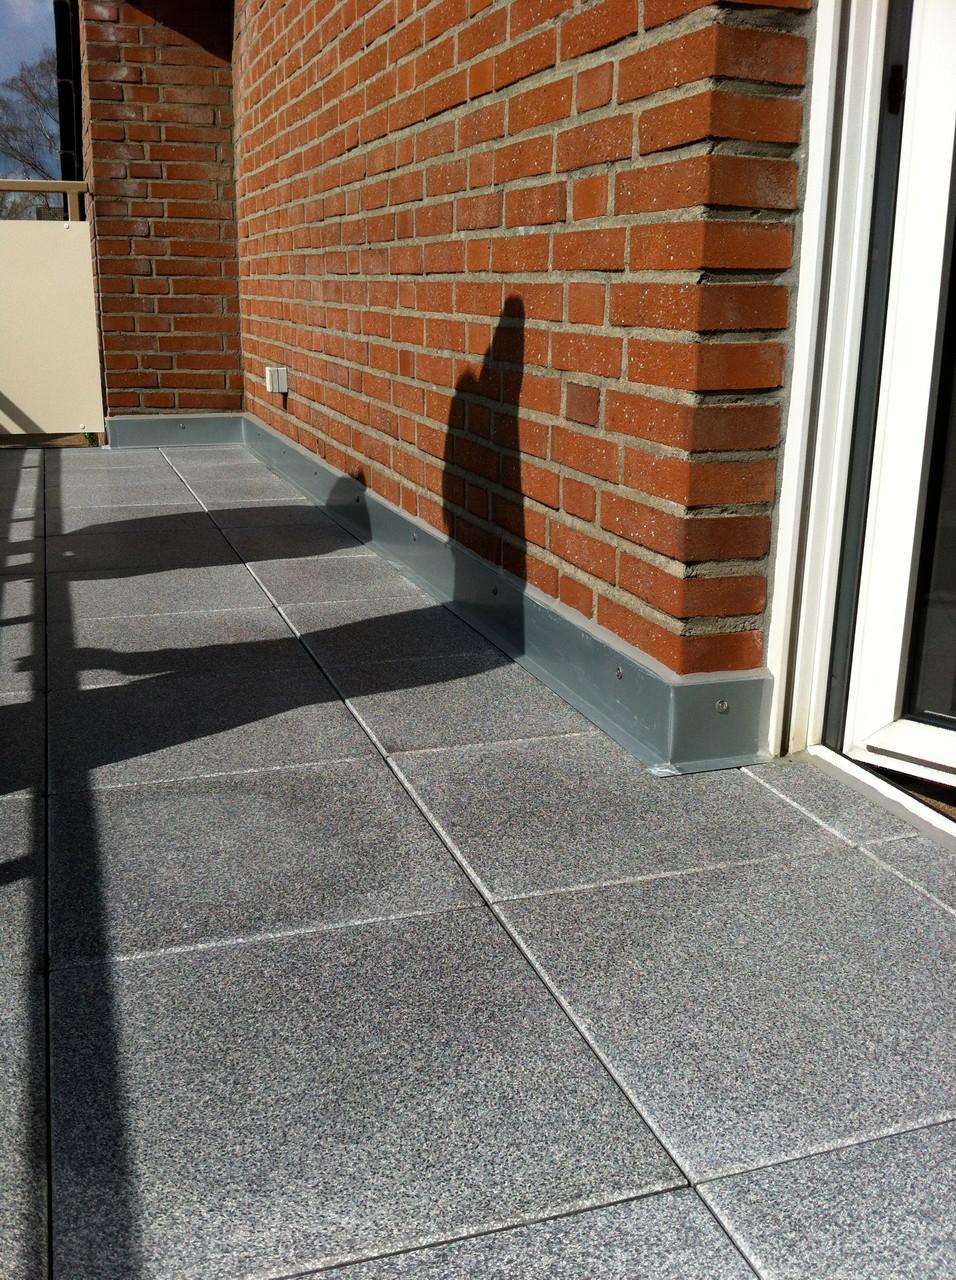 Balkonistandsetzung mit Stelzplatten Betonwerkstein oder fein Steinzeug Fliesen